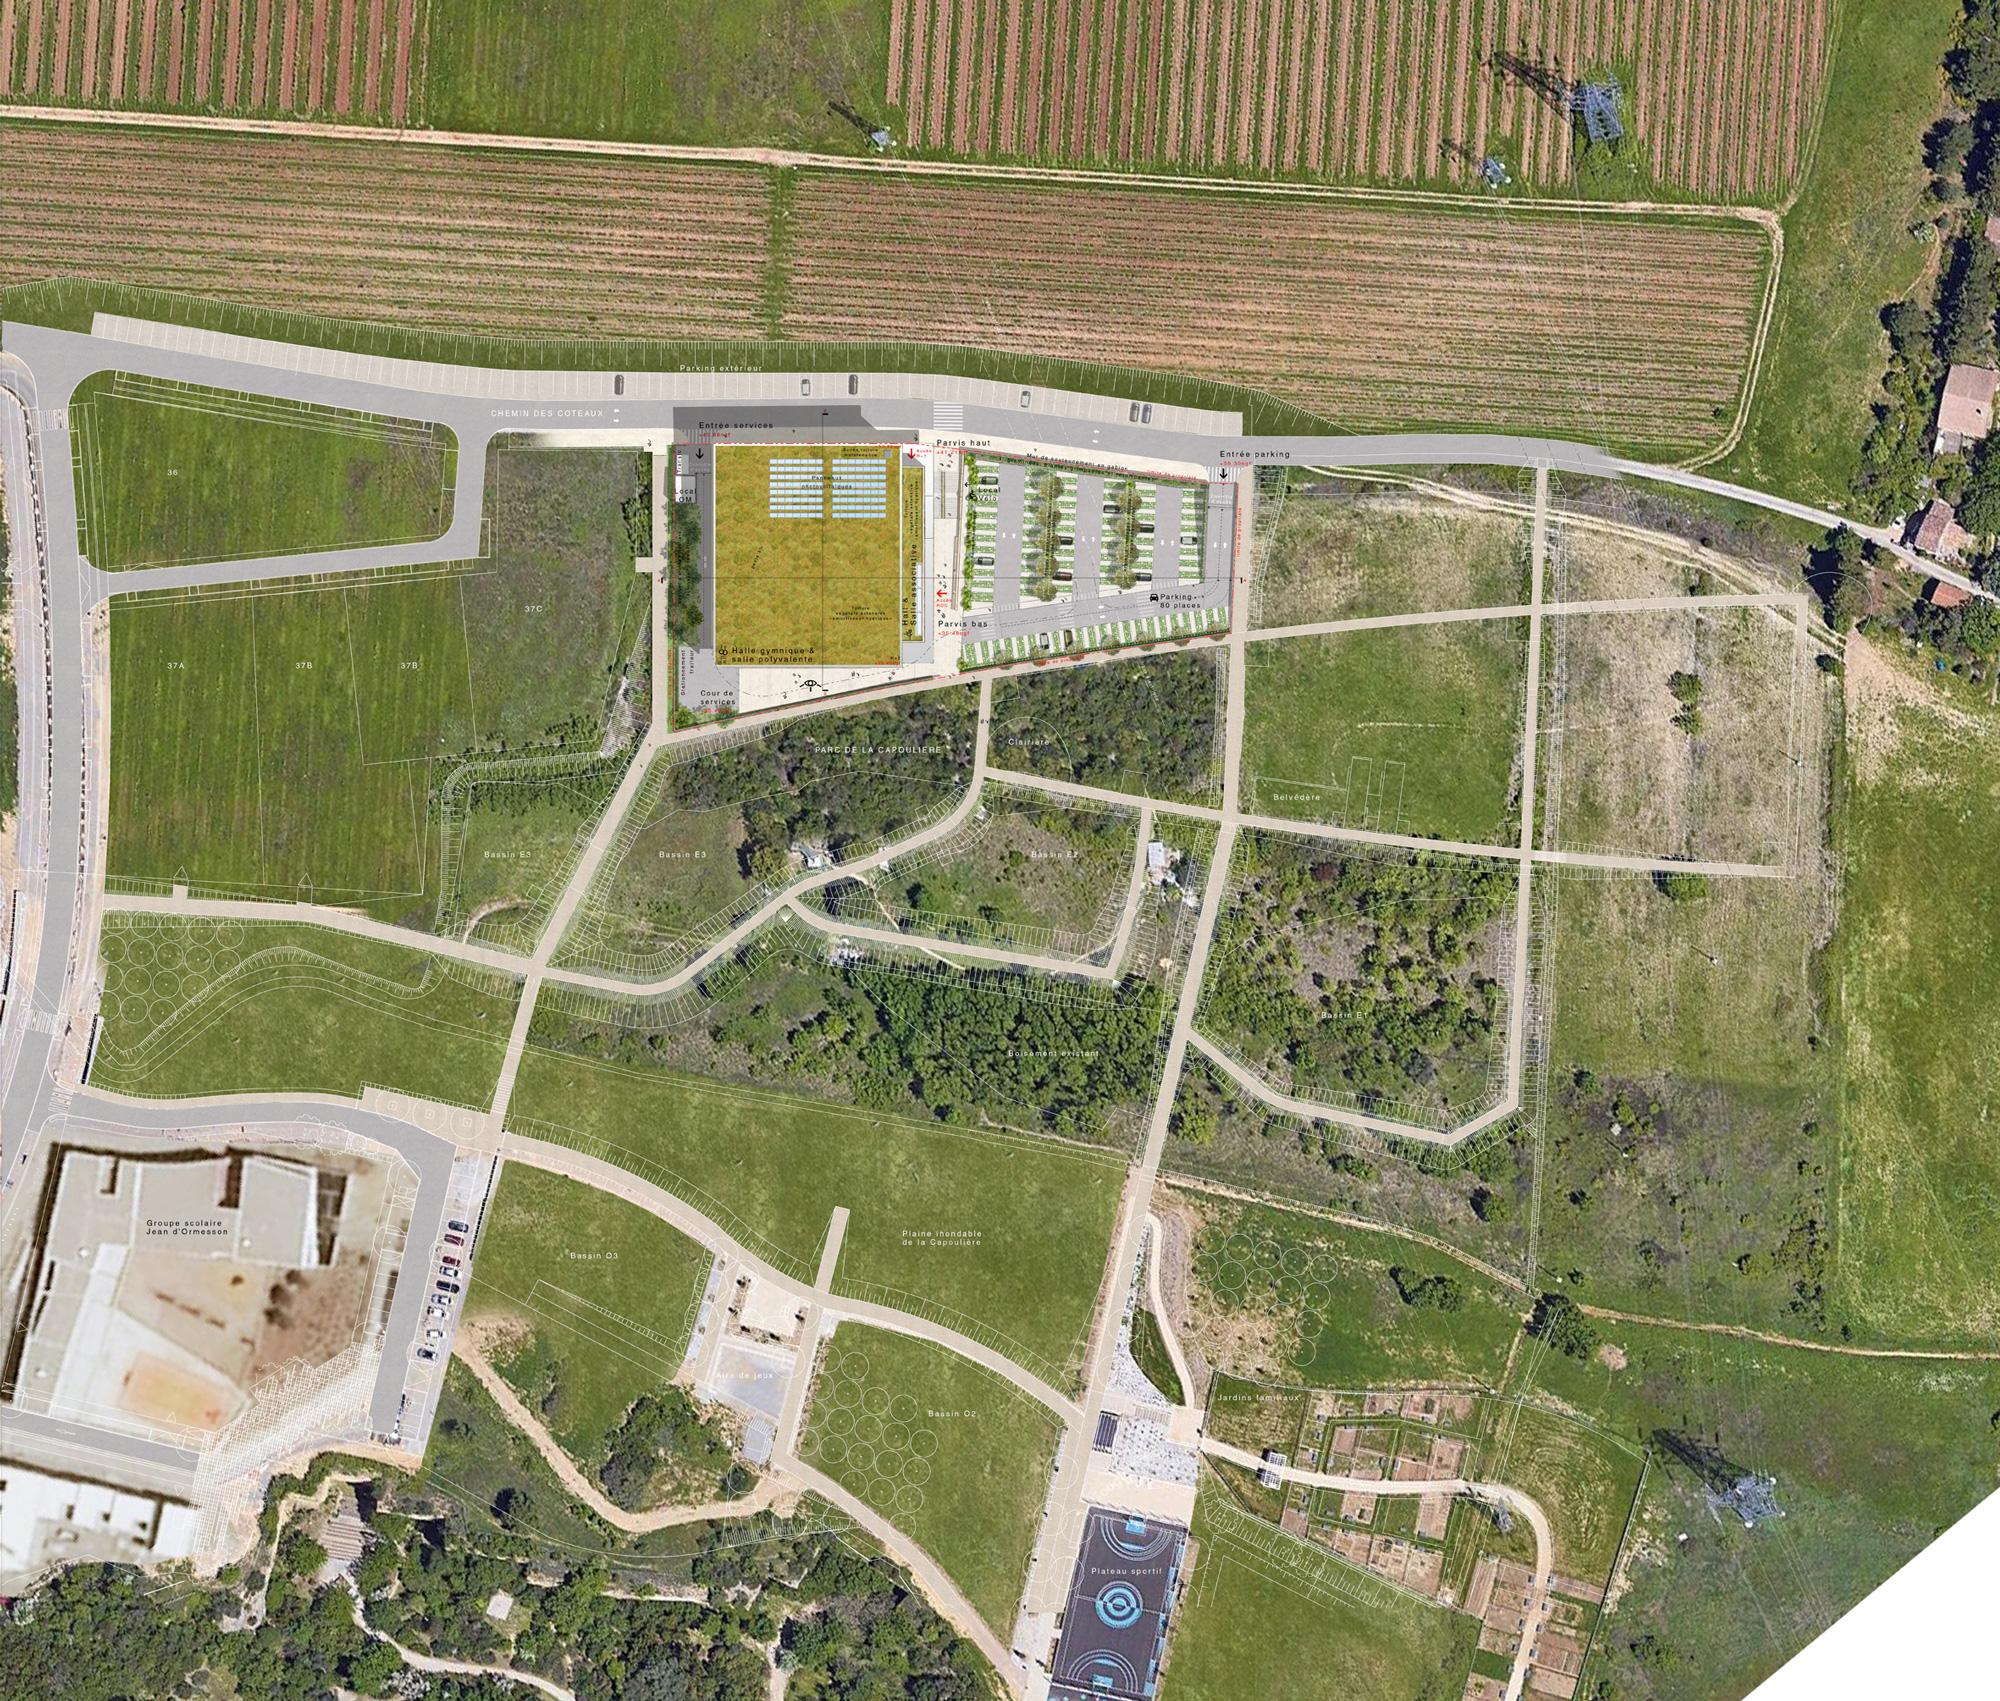 Plan de masse - salle polyvalente et halle gymnique St Jean de Védas